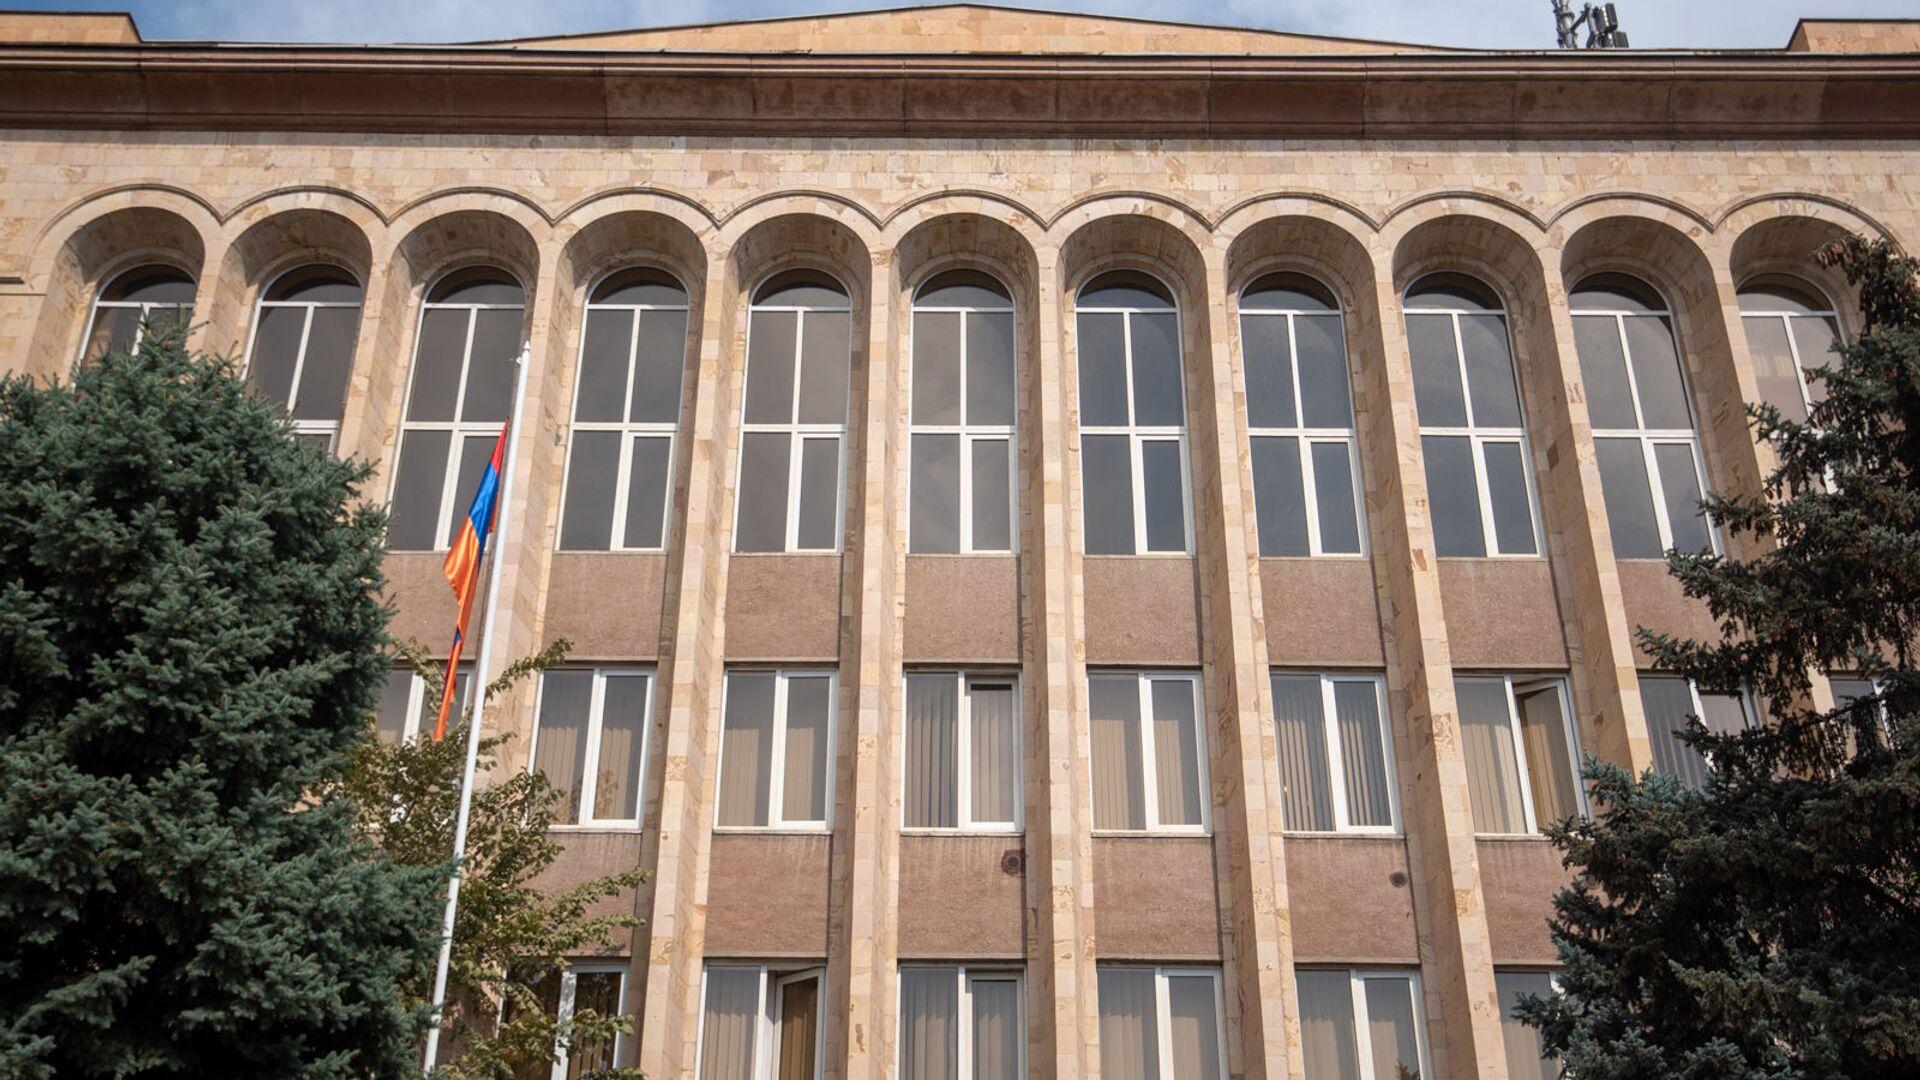 ՀՀ Սահմանադրական դատարան - Sputnik Արմենիա, 1920, 08.10.2021